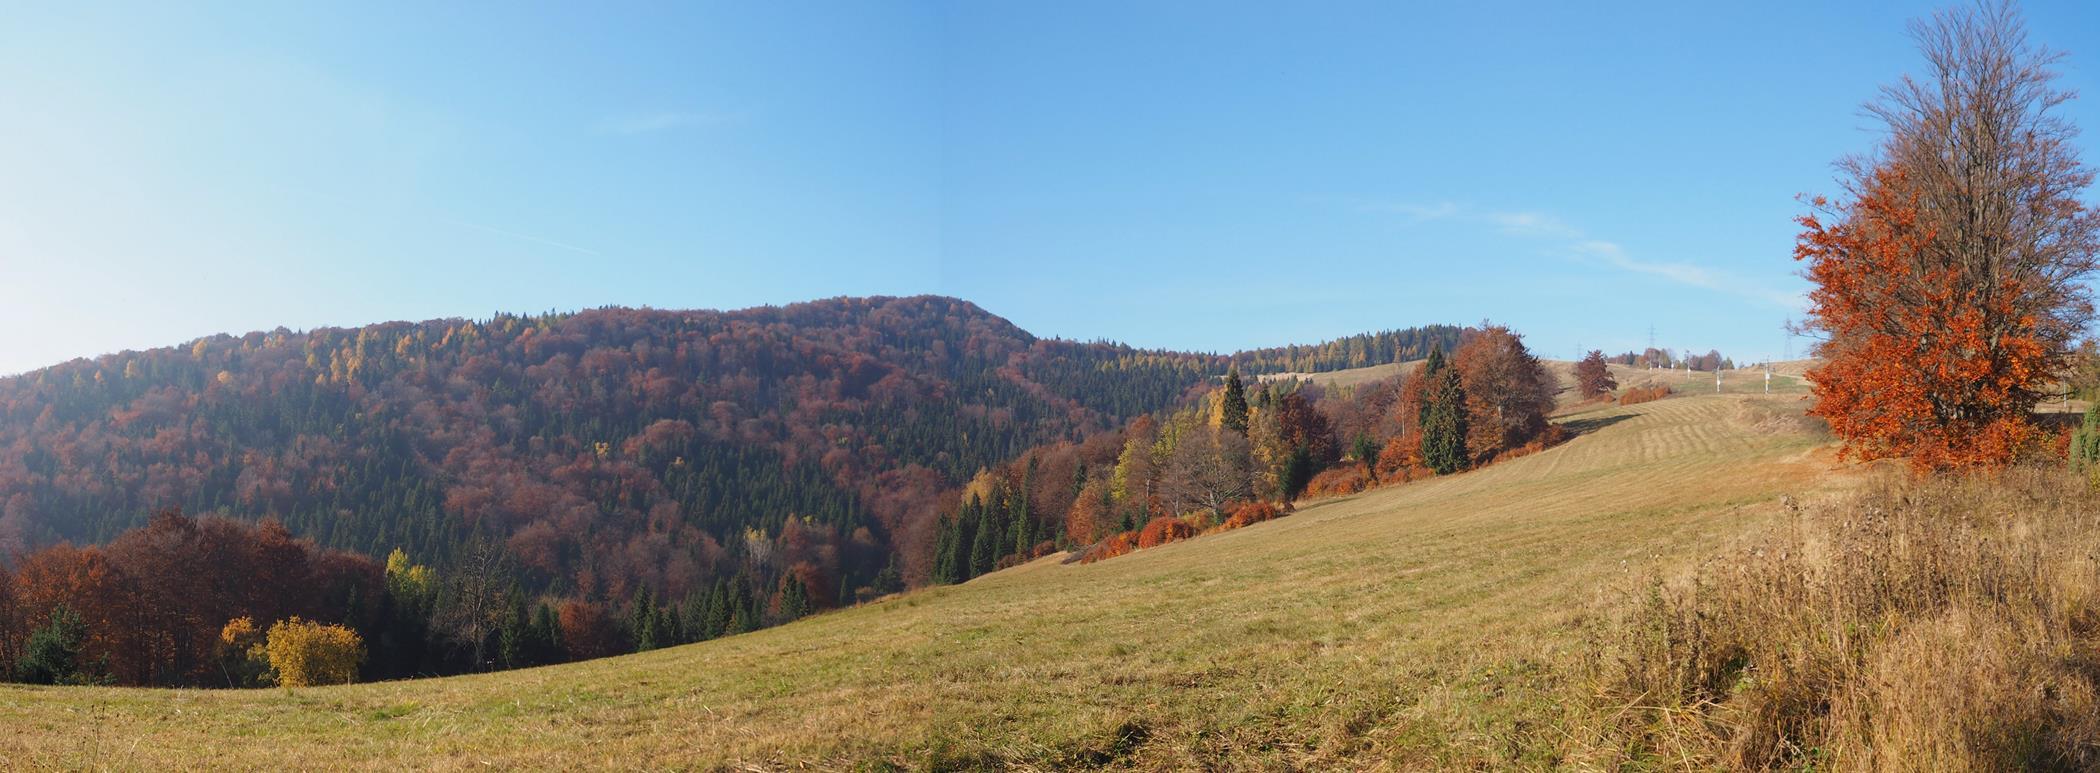 Po wyjściu z lasu odsłania się widok na cel naszej wycieczki - Pustą Wielką i Jaworzynkę (niższy szczyt po prawej).